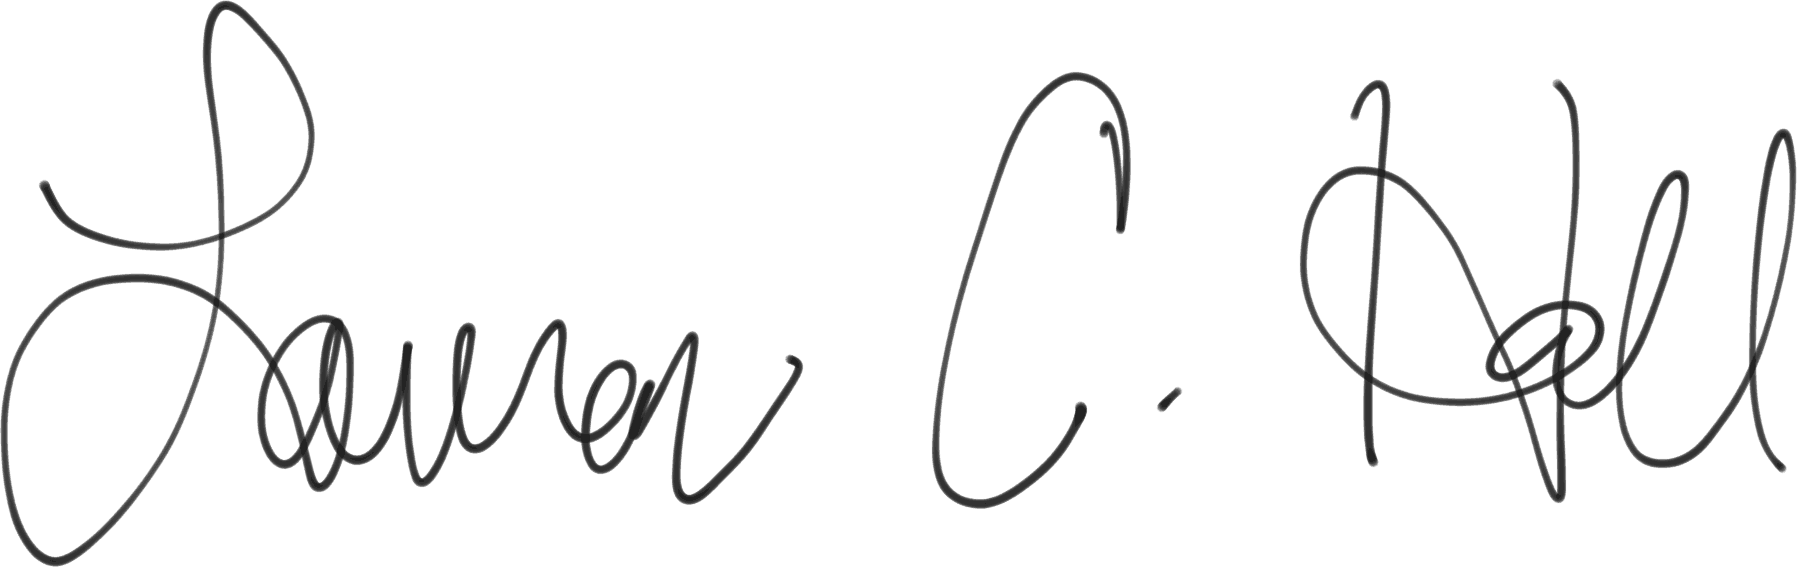 Lauren C. Hall Signature